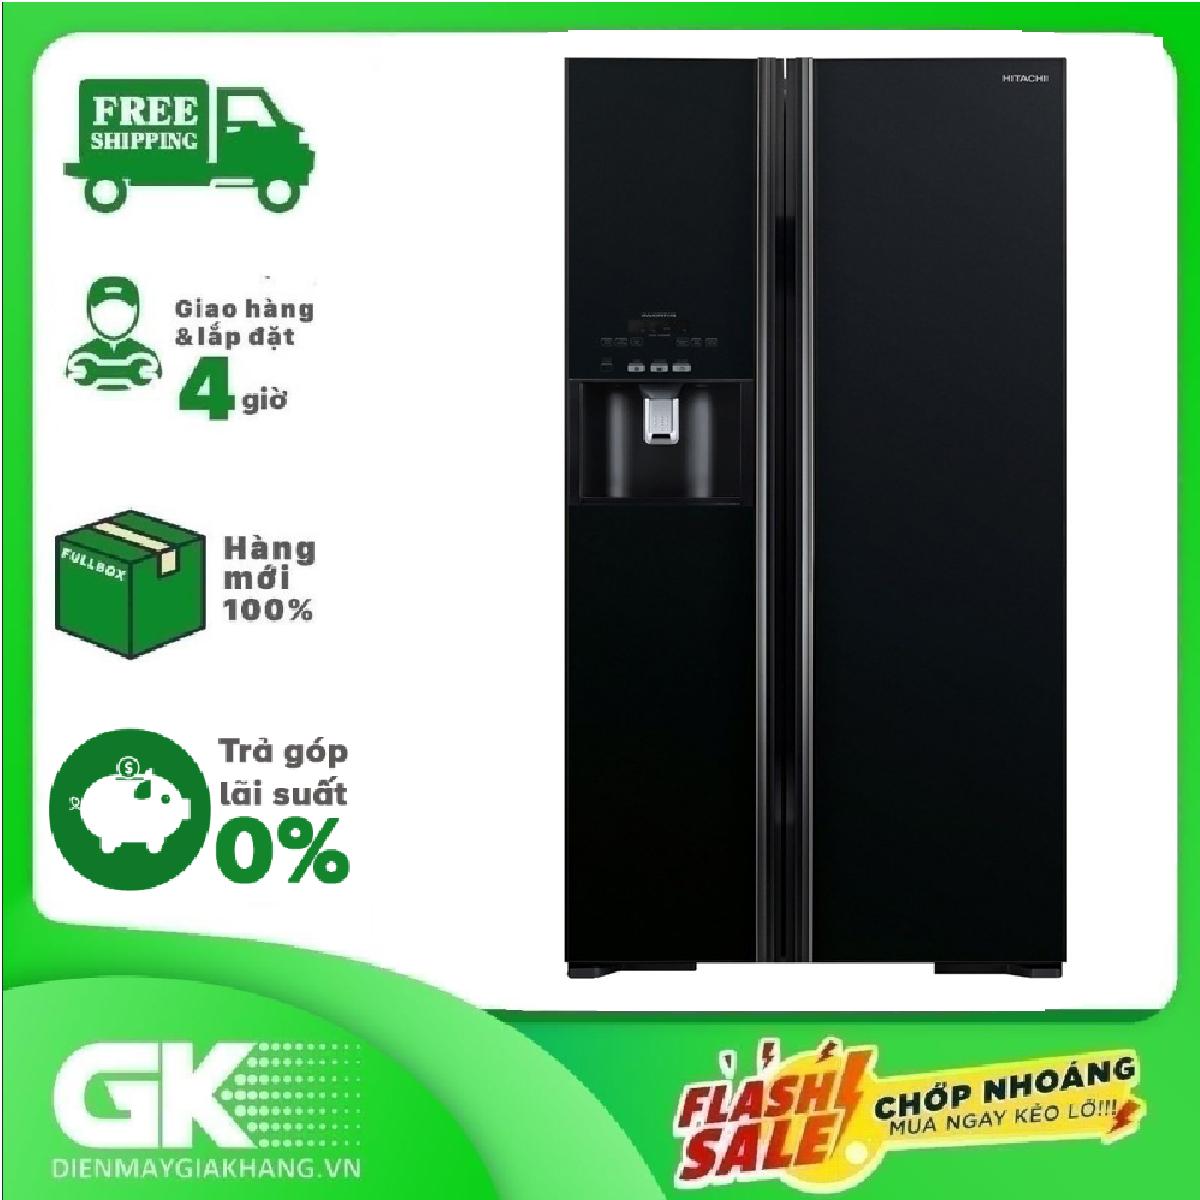 Tủ lạnh HITACHI R-FS800GPGV2 (GBK) 589 lít INVERTER công nghệ Inverter: điều chỉnh chế độ làm lạnh theo nhiều cấp độ khác nhau tiết kiện điện năng hiệu quả